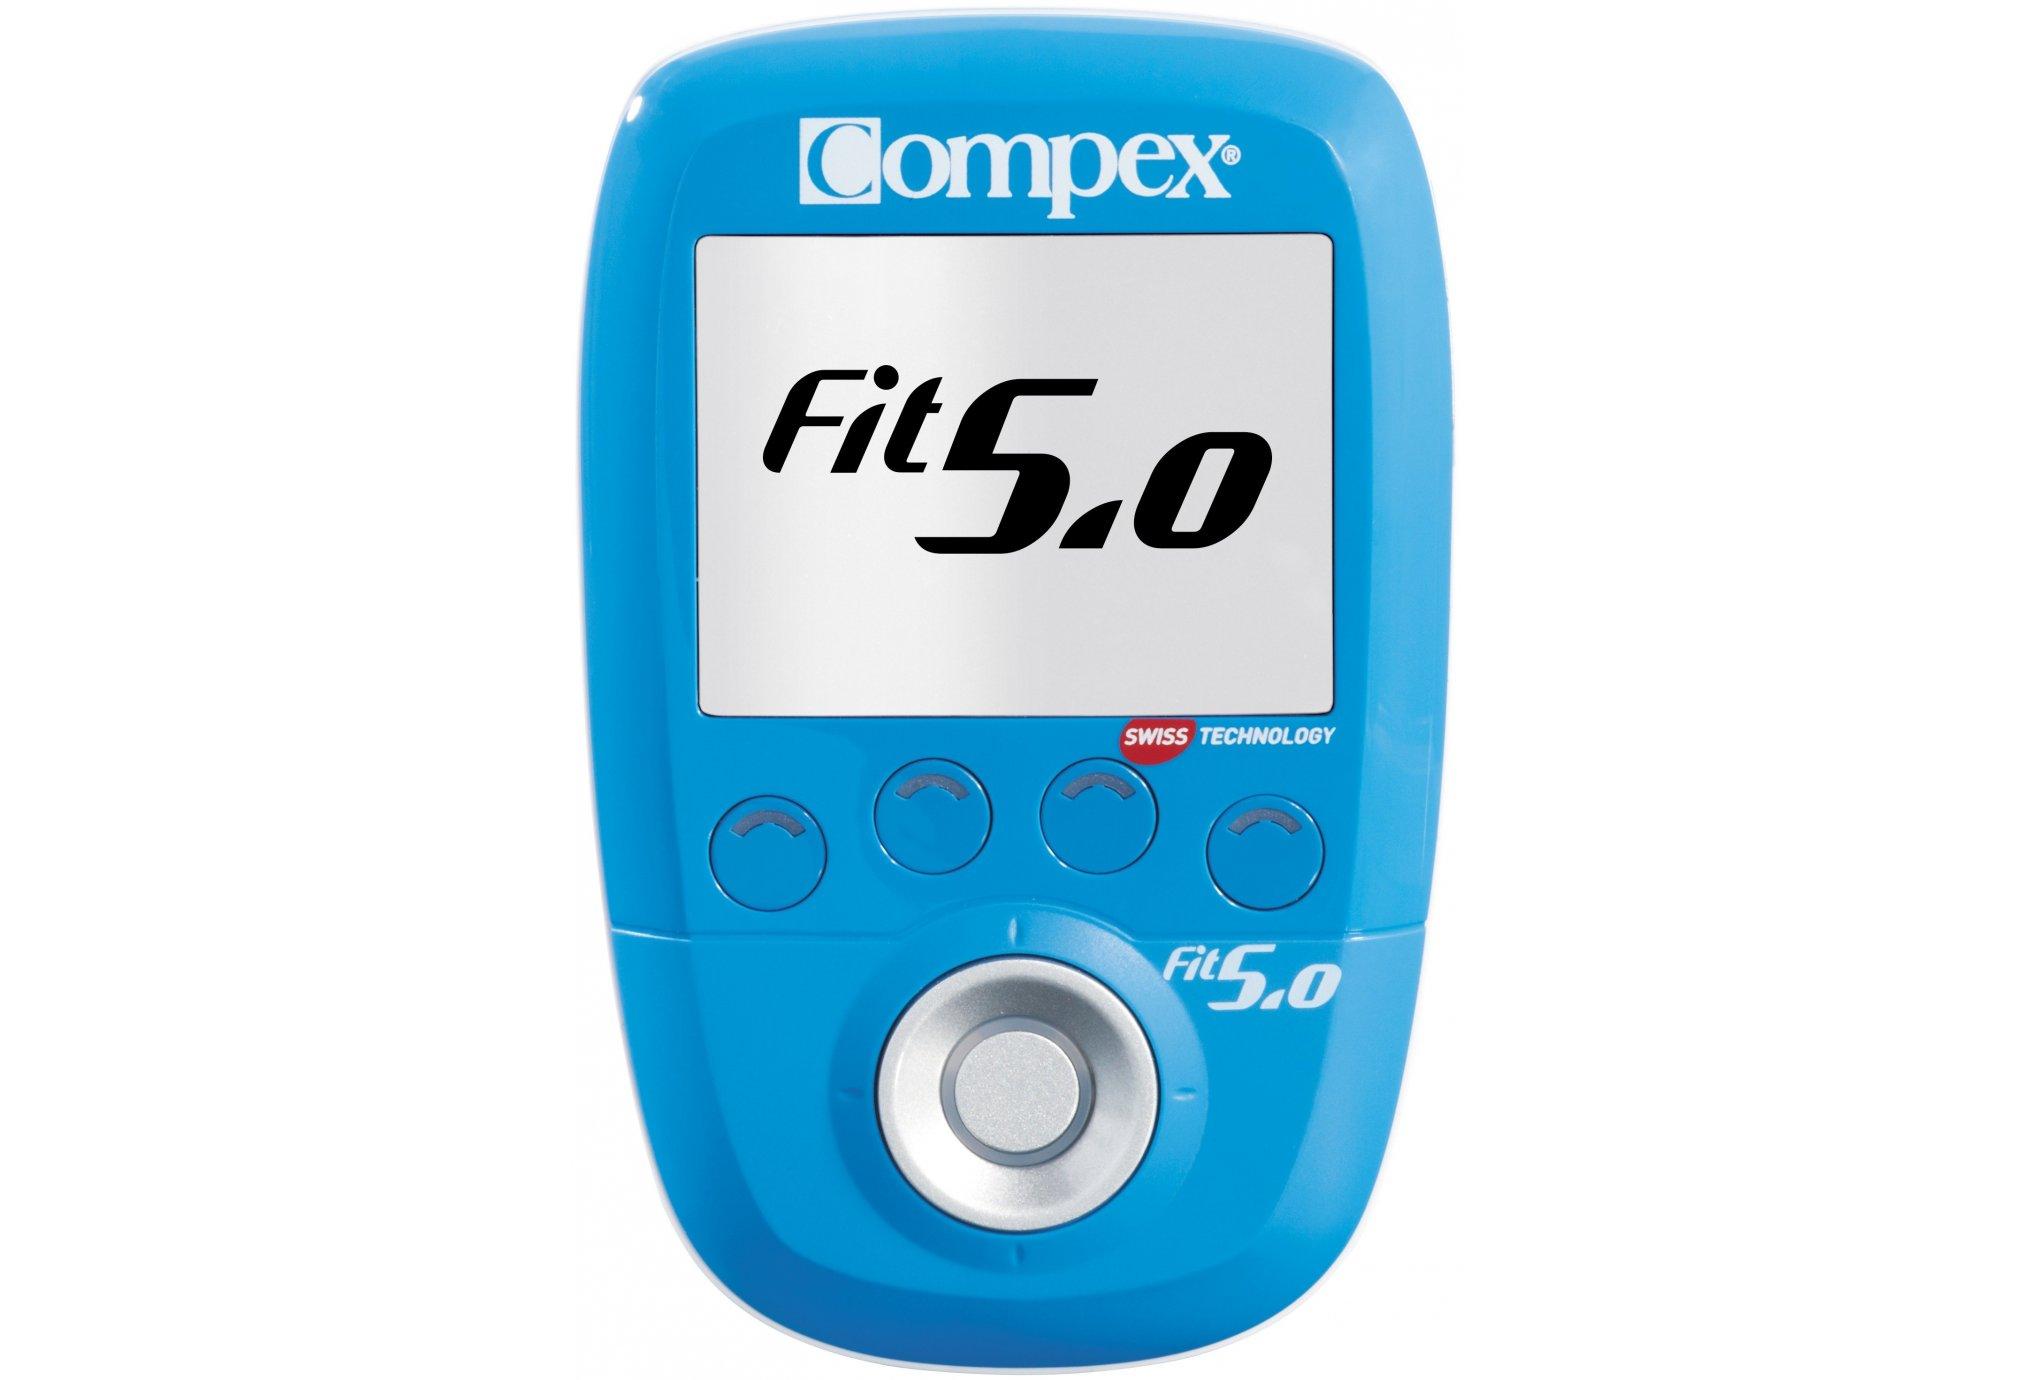 Compex Fit 5.0 electrostimulateur